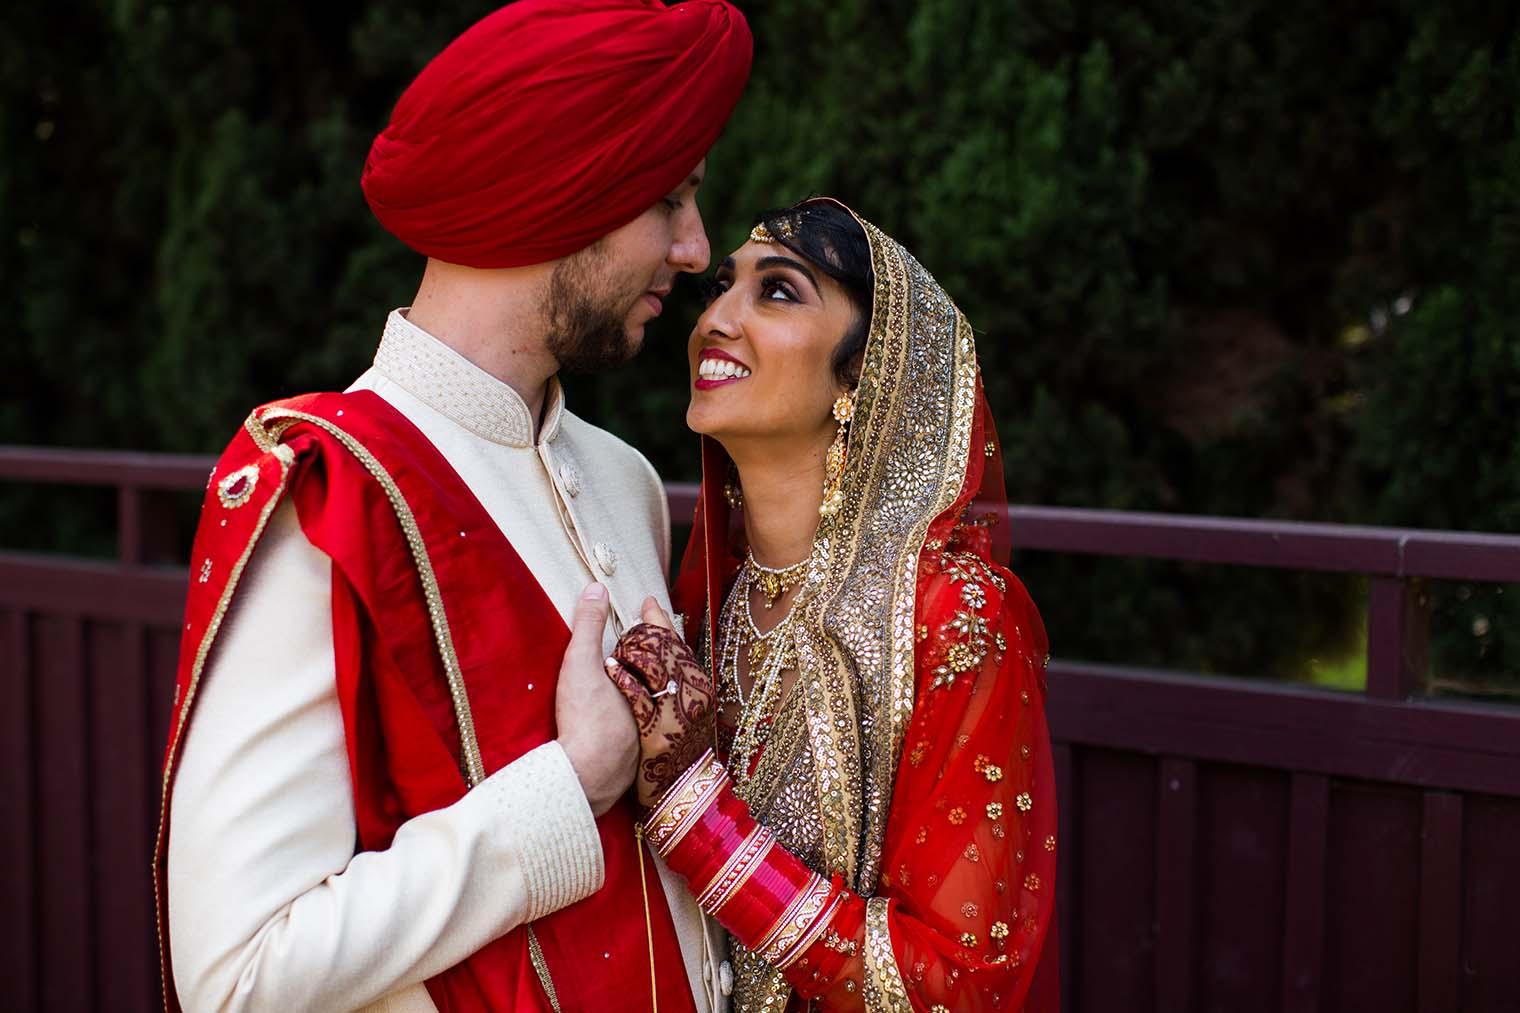 Gurdwara Sahib of Fremont Wedding Couple Photos